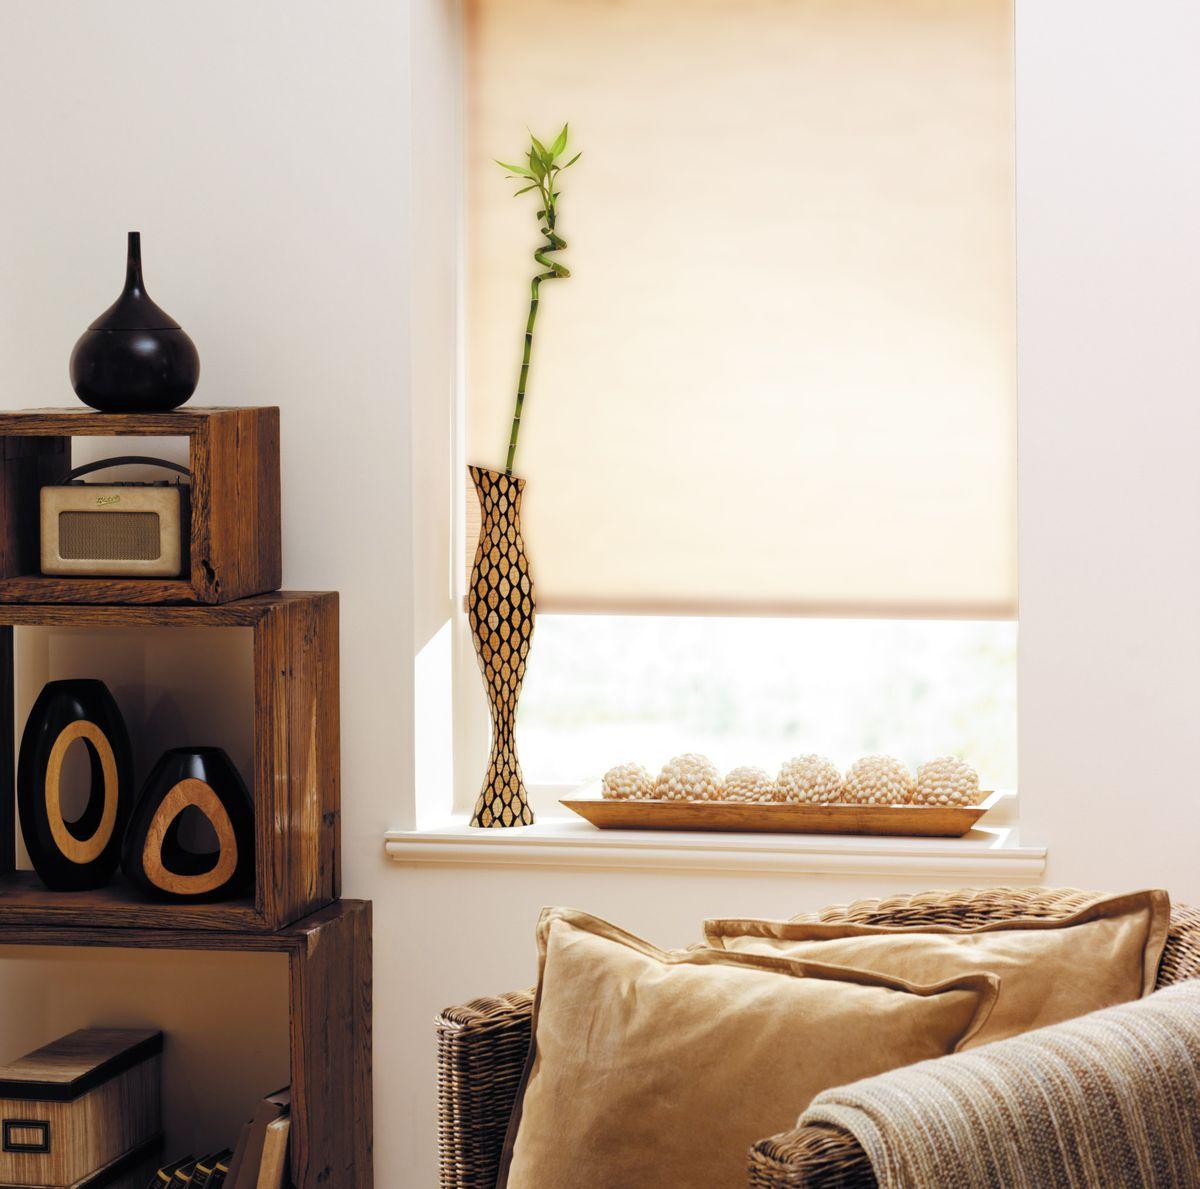 Штора рулонная для балконной двери Эскар Миниролло. Однотонные, цвет: бежевый лен, ширина 62 см, высота 215 см30409062215Рулонная штора Эскар Миниролло выполнена из высокопрочной ткани,которая сохраняет свой размер даже при намокании. Ткань не выцветает иобладает отличной цветоустойчивостью.Миниролло - это подвид рулонных штор, который закрывает не весь оконныйпроем, а непосредственно само стекло. Такие шторы крепятся на раму безсверления при помощи зажимов или клейкой двухсторонней ленты (в комплекте).Окно остаетсяна гарантии, благодаря монтажу без сверления.Такая штора станет прекрасным элементом декора окна и гармонично впишется винтерьер любого помещения.